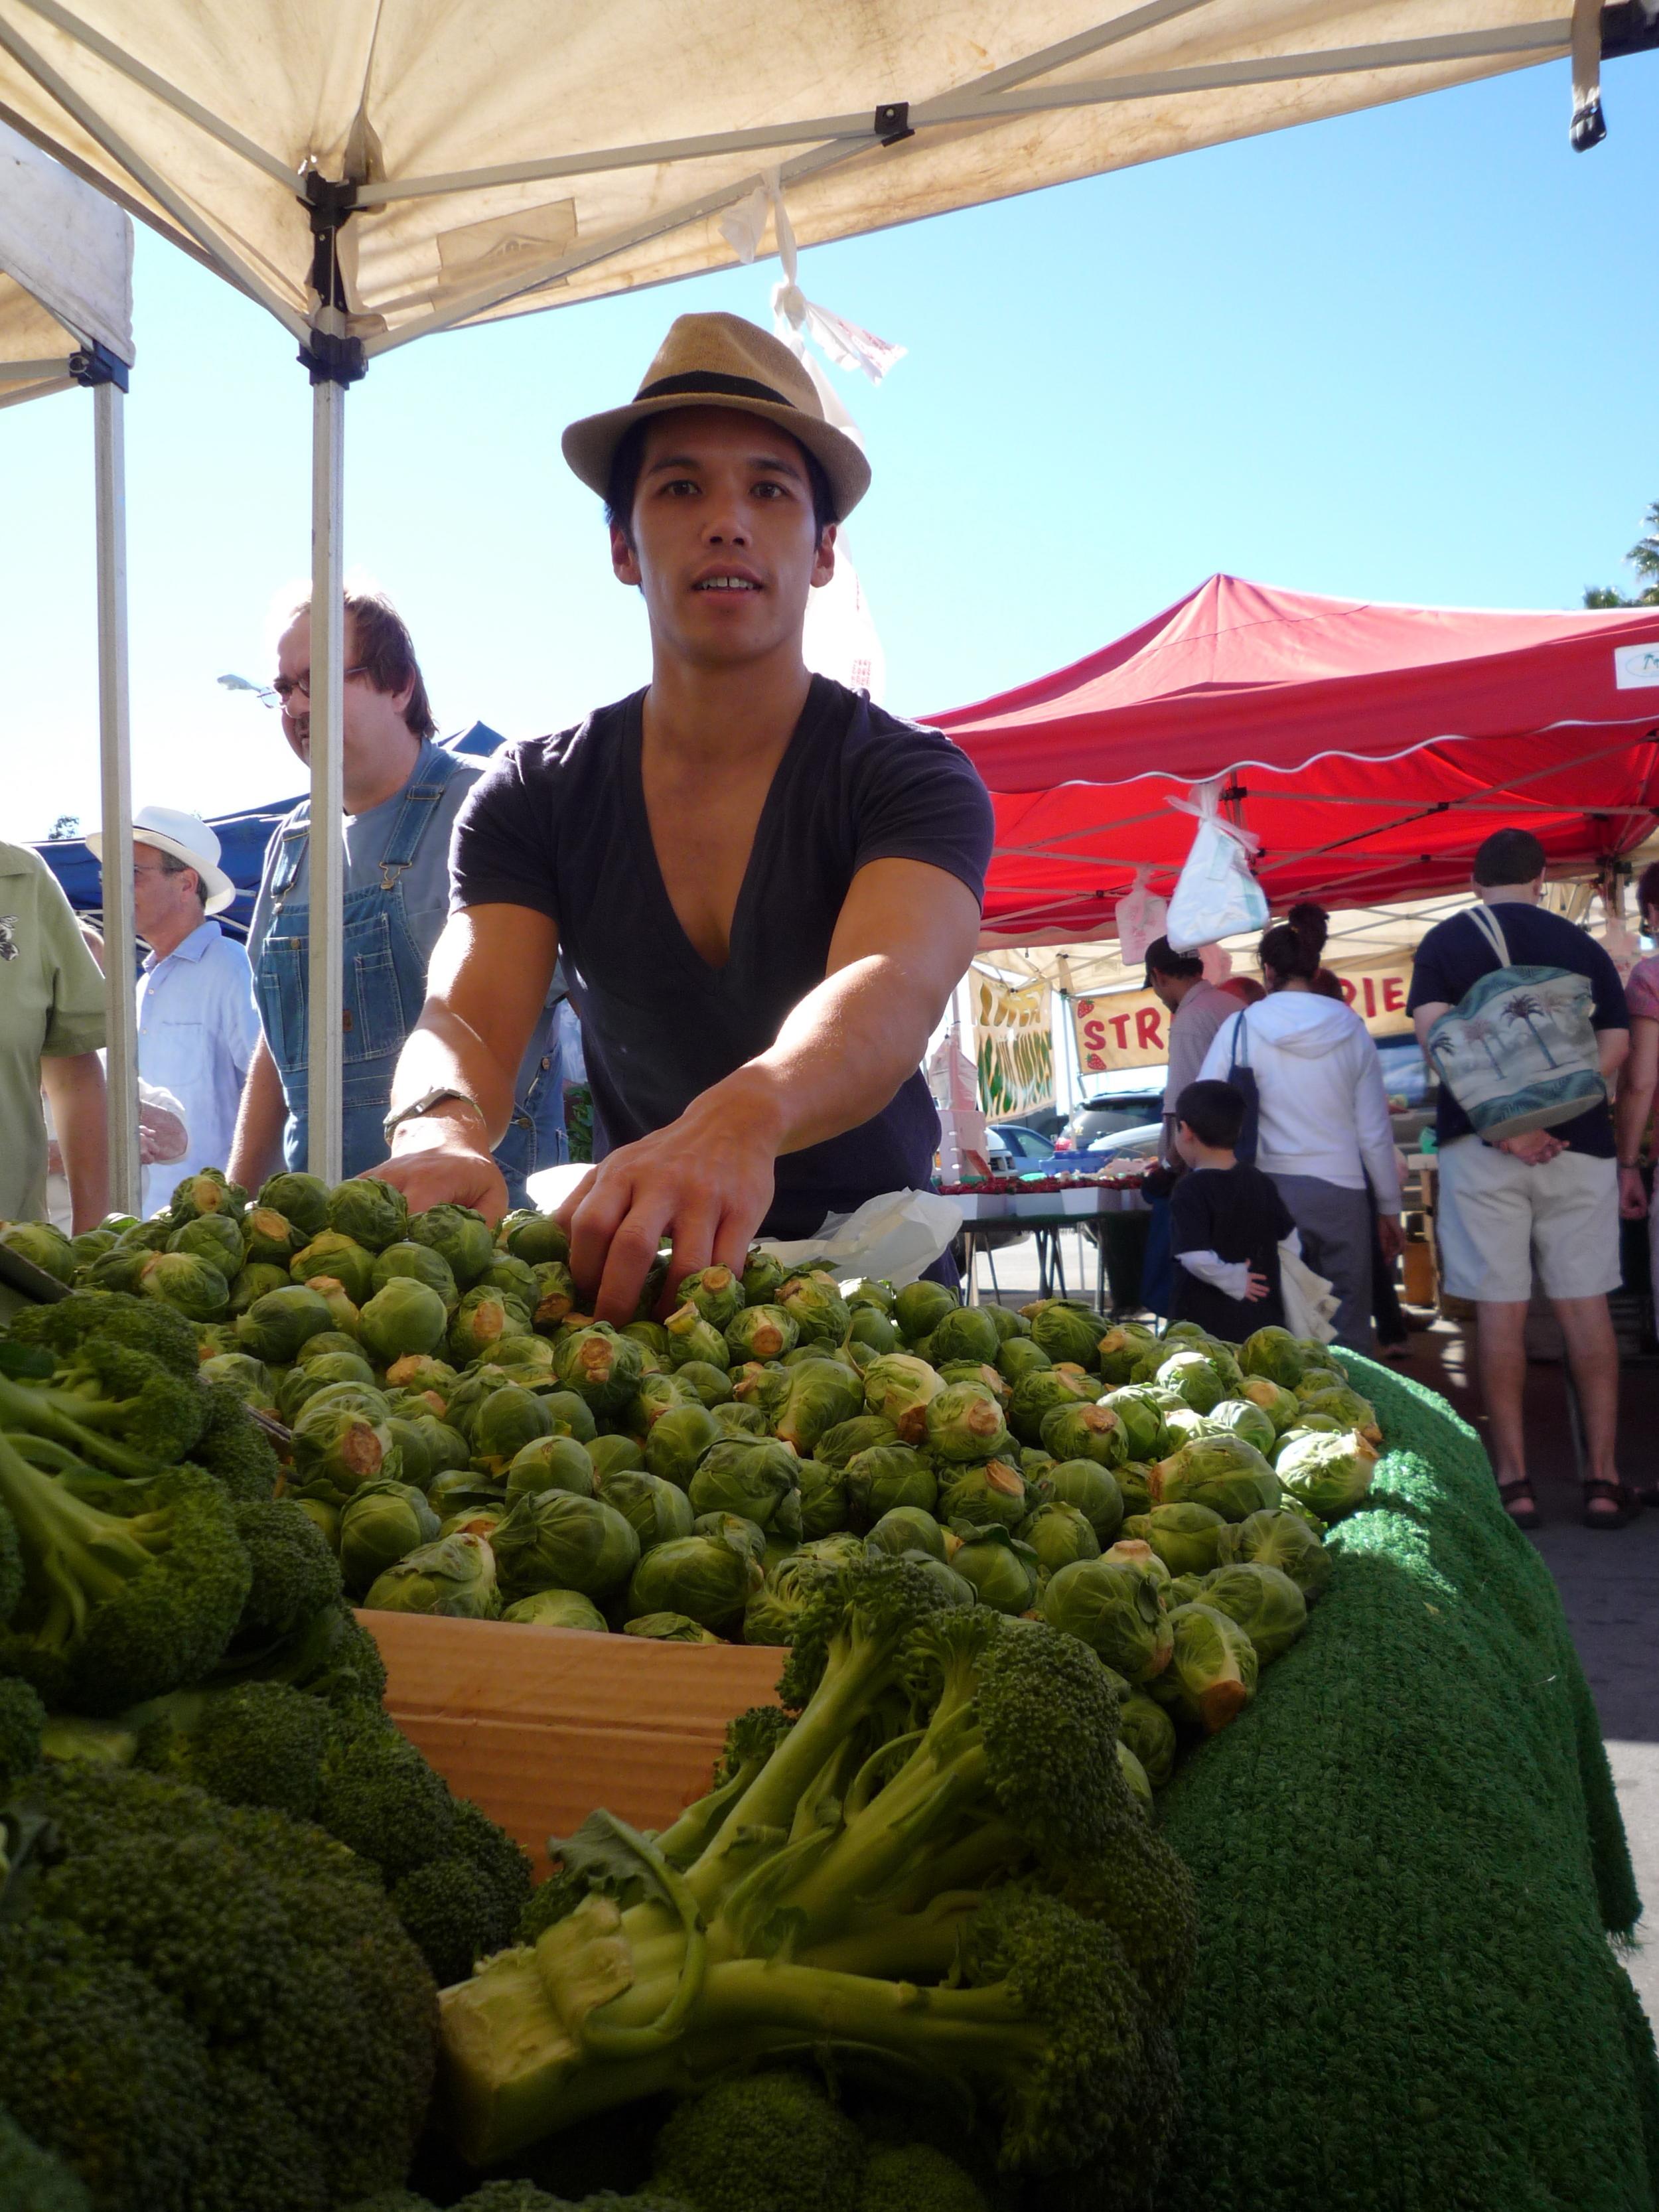 At the Long Beach Marina Farmer's market